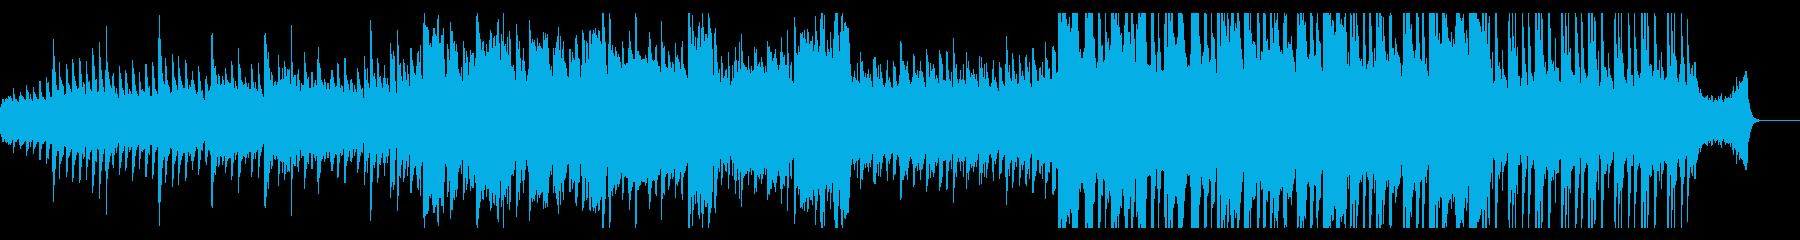 尺八メインの切ない和風曲の再生済みの波形